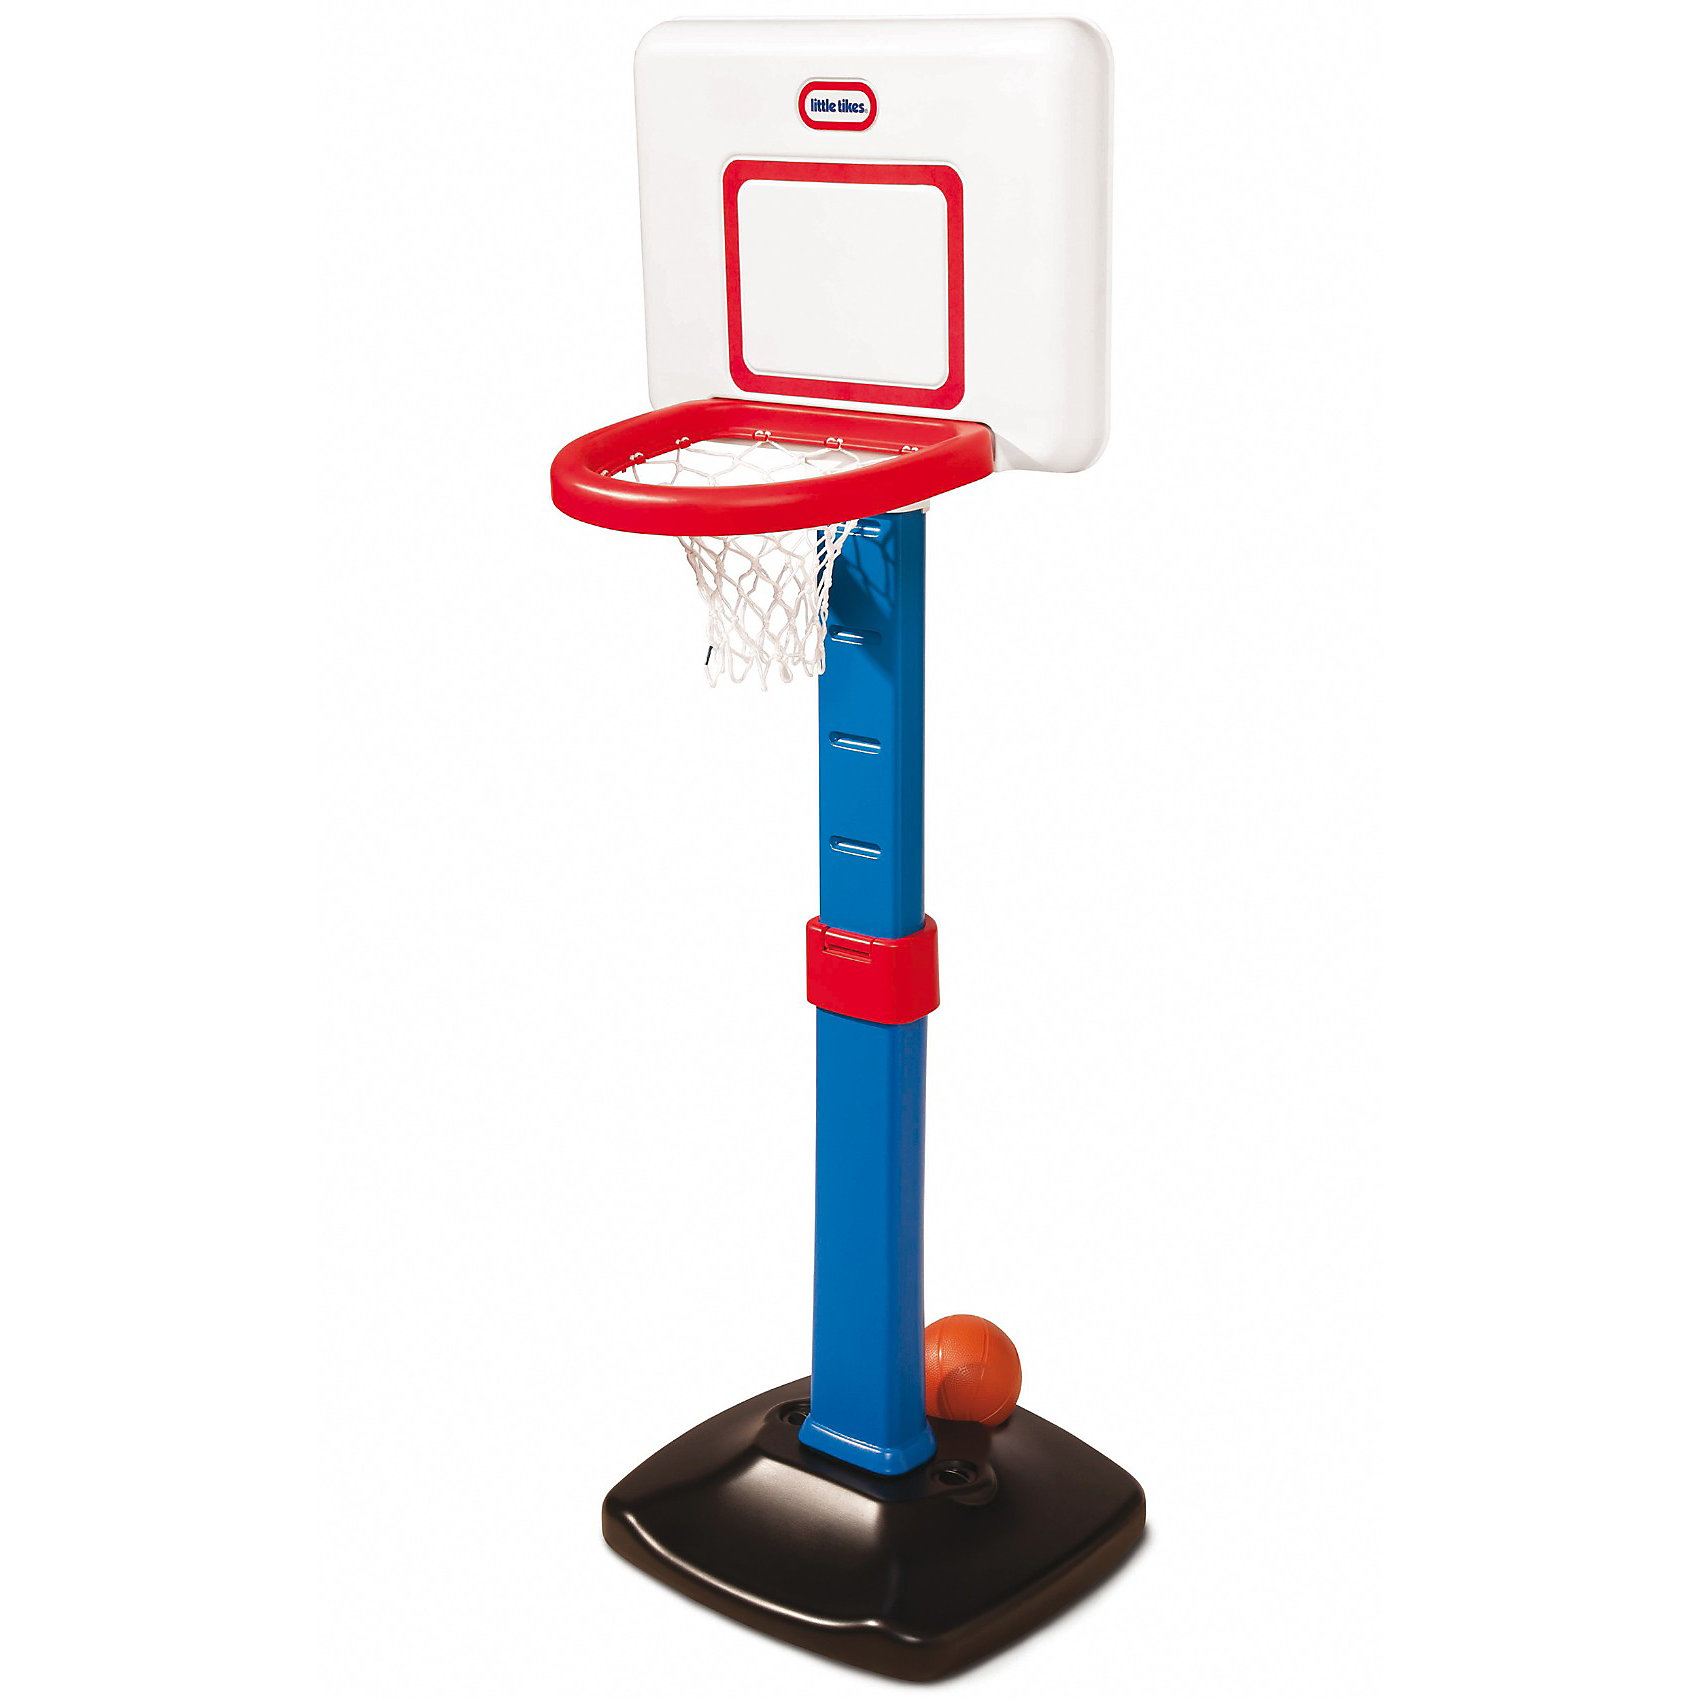 Баскетбольный щит раздвижной, Little TikesБаскетбольный щит раздвижной, Little Tikes (Литтл Тайкс) – это удобный и интересный набор для игр на открытом воздухе. <br><br>Щит для игры в баскетбол можно установить дома или на улице. Регулируемая конструкция позволяет играть в мяч детям от 1,5 лет. В процессе активной игры у ребенка развивается мелкая моторика, координация, ловкость и выносливость. Командный дух объединяет игроков и способствует развитию коммуникативных навыков. Этот регулируемый набор для баскетбола идеален для растущих малышей!<br><br>Характеристики:<br>-Развивает: координацию движений, физическую силу, командный дух<br>-Набор имеет 6 уровней регулировки высоты от 60 до 120 см<br>-Щит имеет реалистичный дизайн в стиле НБА<br>-Мячик может храниться в основании<br>-Мобильность конструкции позволяет с легкостью собирать и разбирать щит<br><br>Комплектация: баскетбольный щит, мягкий мячик<br><br>Дополнительная информация:<br>-Внутрь основания рекомендуется насыпать песок для большей устойчивости<br>-Материалы: пластмасса<br>-Вес: 12 кг<br><br>Баскетбольный щит будет расти вместе с Вашим малышом и наслаждение от игры в мяч растянется на долгие годы!<br><br>Баскетбольный щит раздвижной, Little Tikes (Литтл Тайкс) можно купить в нашем магазине.<br><br>Ширина мм: 670<br>Глубина мм: 120<br>Высота мм: 570<br>Вес г: 4090<br>Возраст от месяцев: 18<br>Возраст до месяцев: 60<br>Пол: Унисекс<br>Возраст: Детский<br>SKU: 3576870